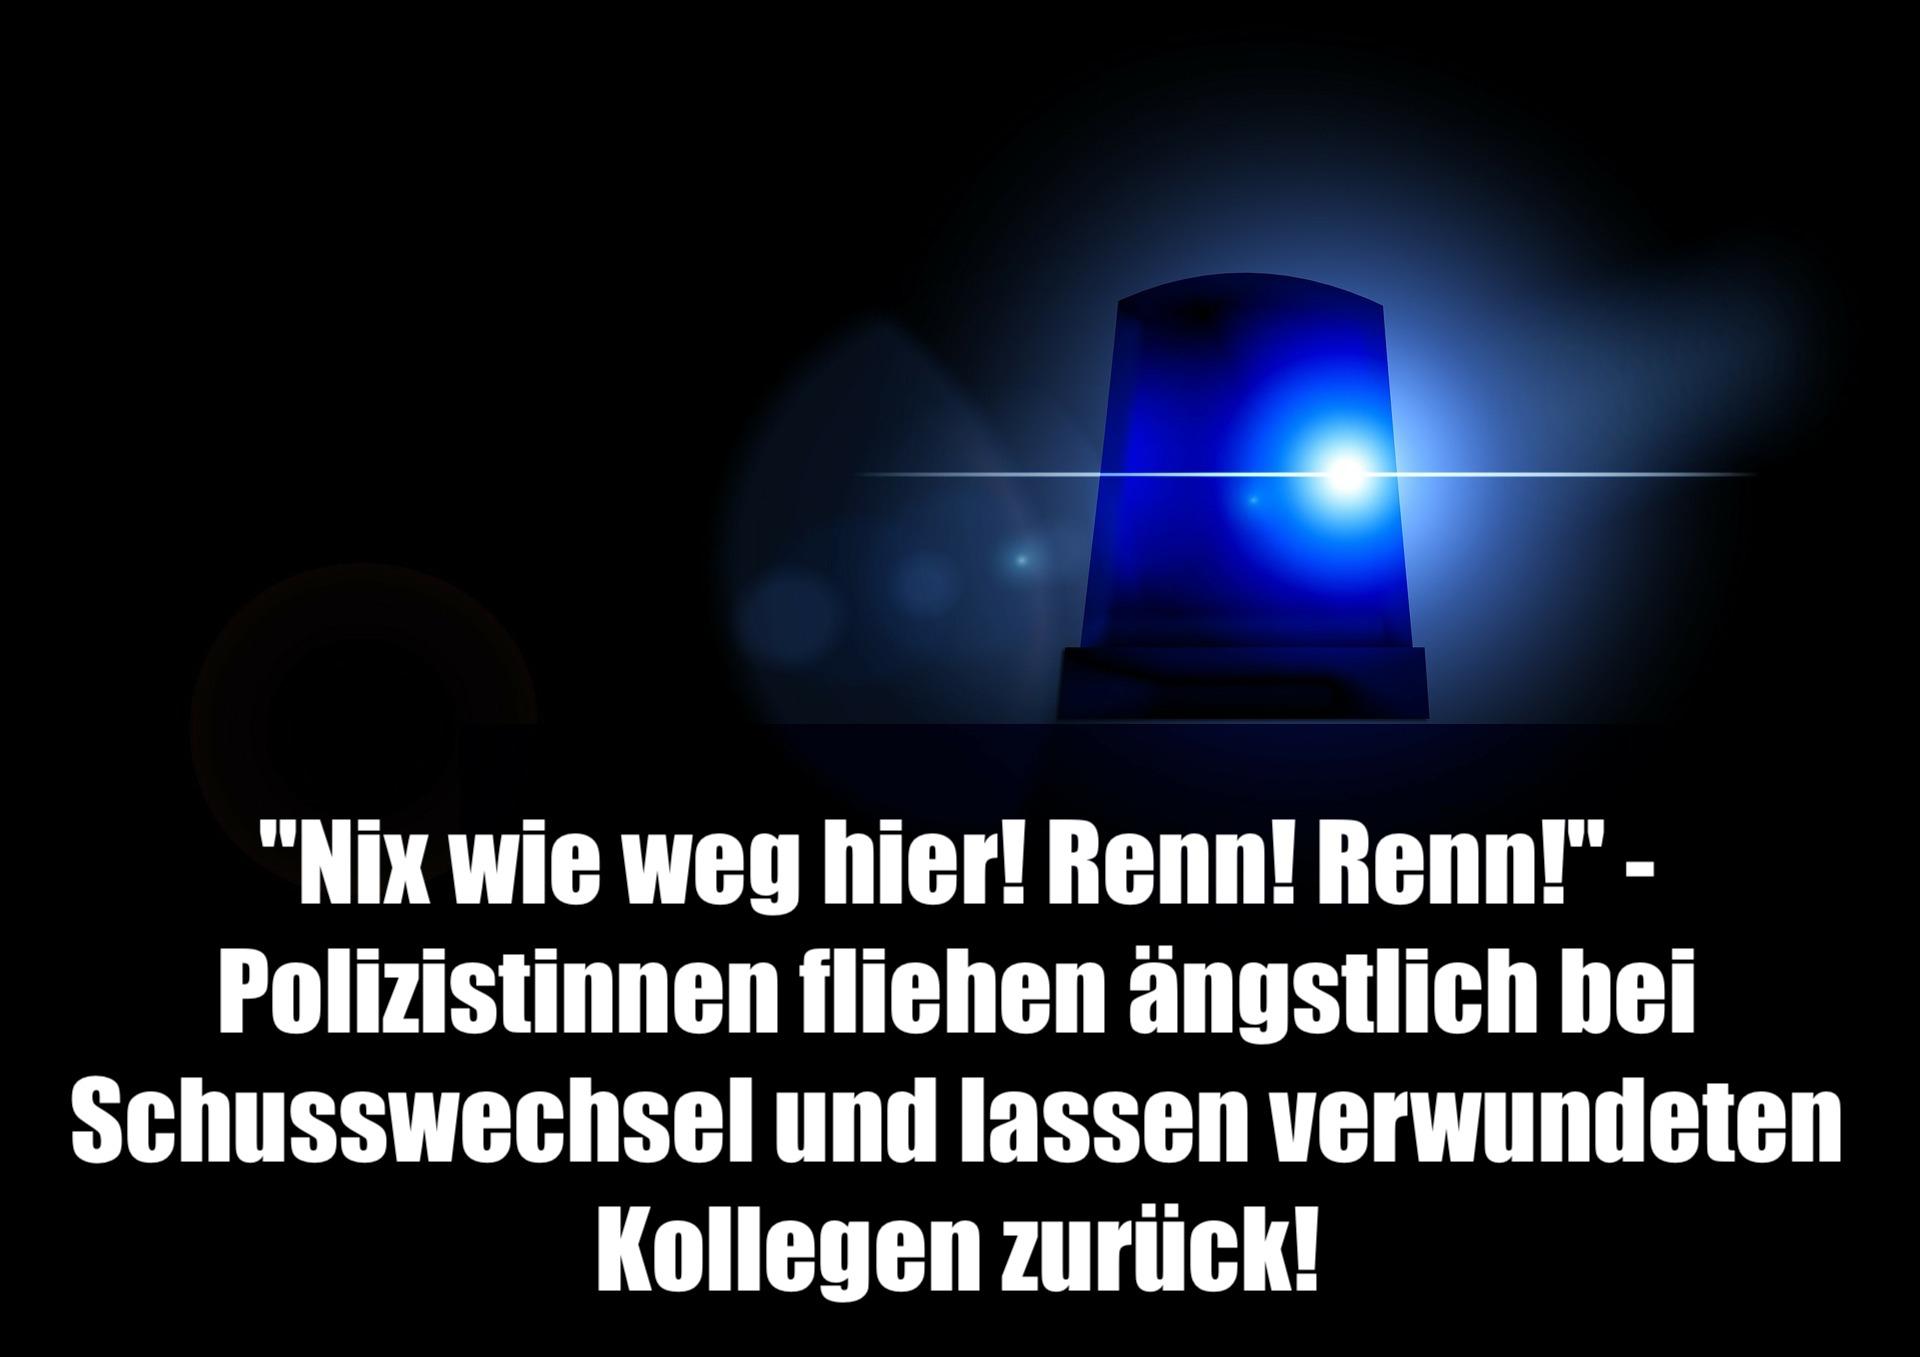 """""""Nix wie weg hier! Renn! Renn!"""" - Polizistinnen fliehen ängstlich bei Schusswechsel und lassen verwundeten Kollegen zurück!"""